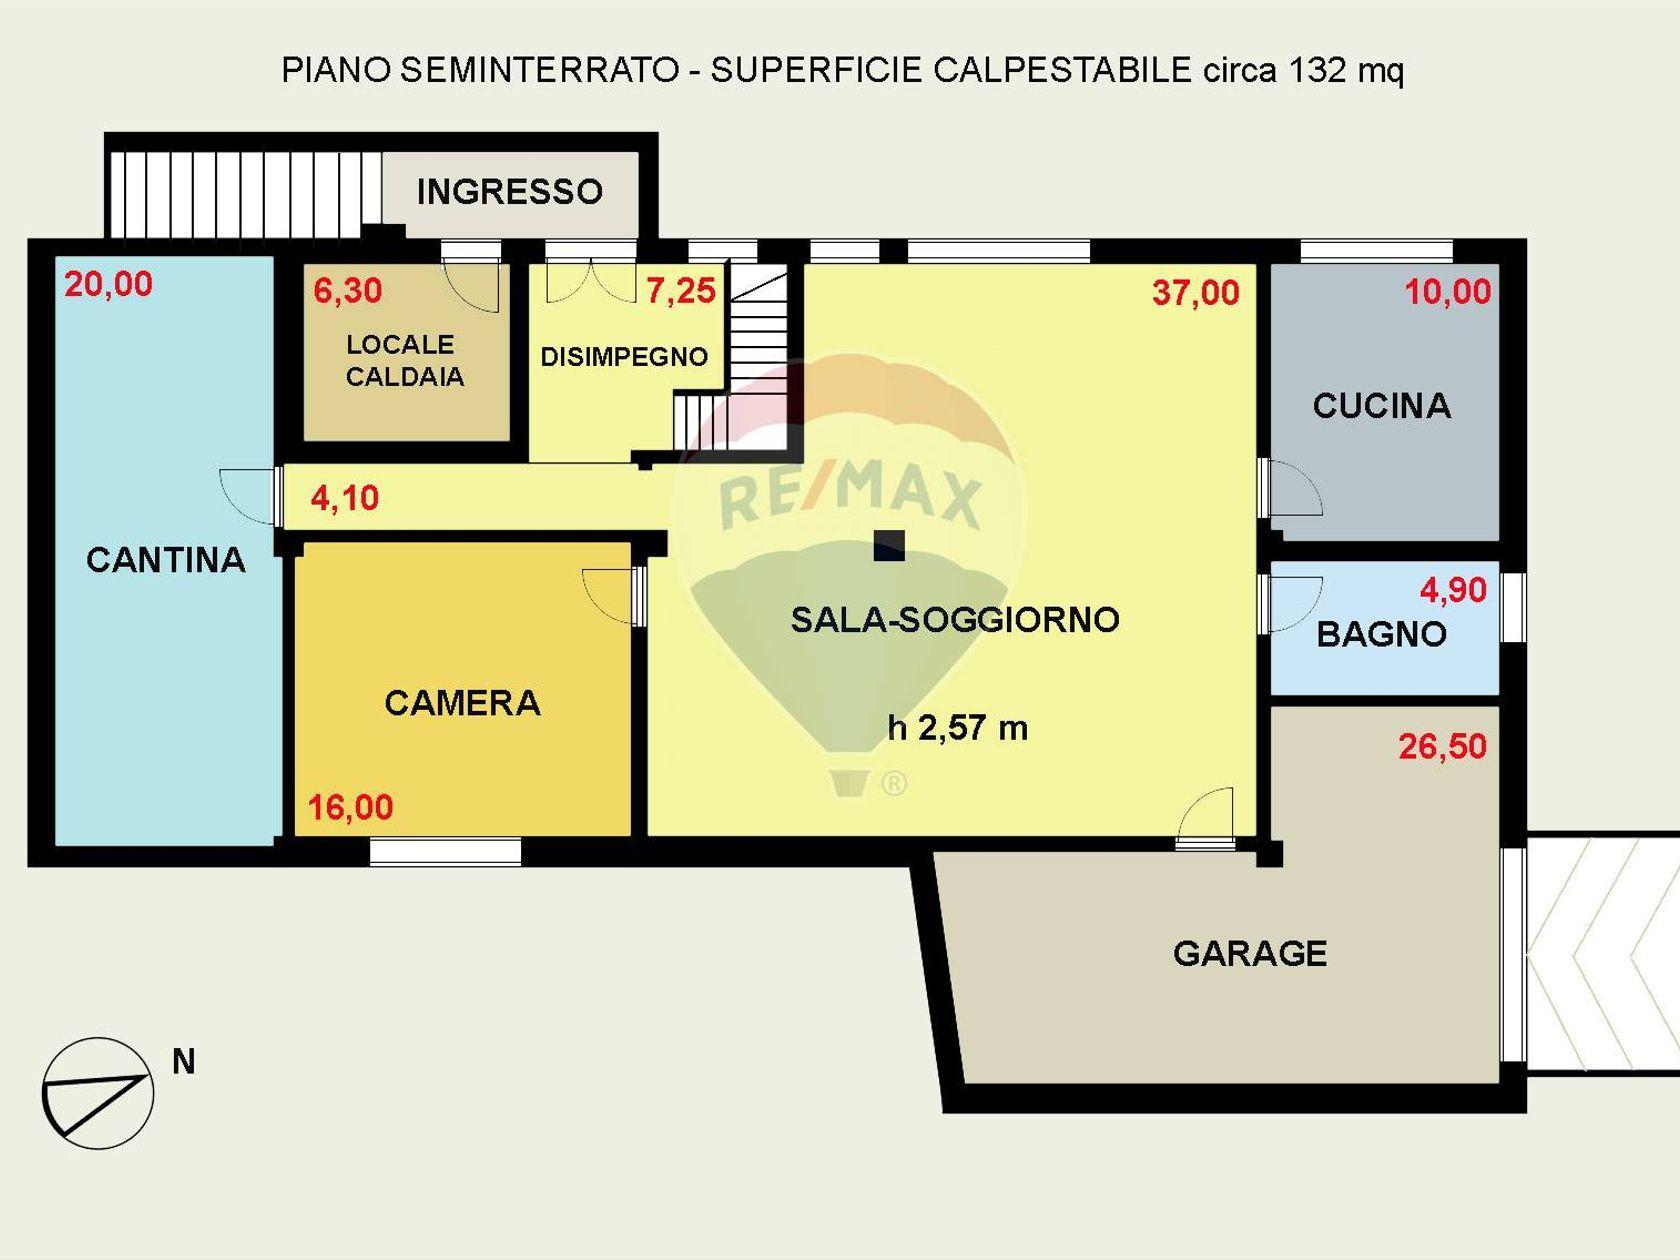 Villa singola Cagliari-quartiere Europeo, Cagliari, CA Vendita - Planimetria 3